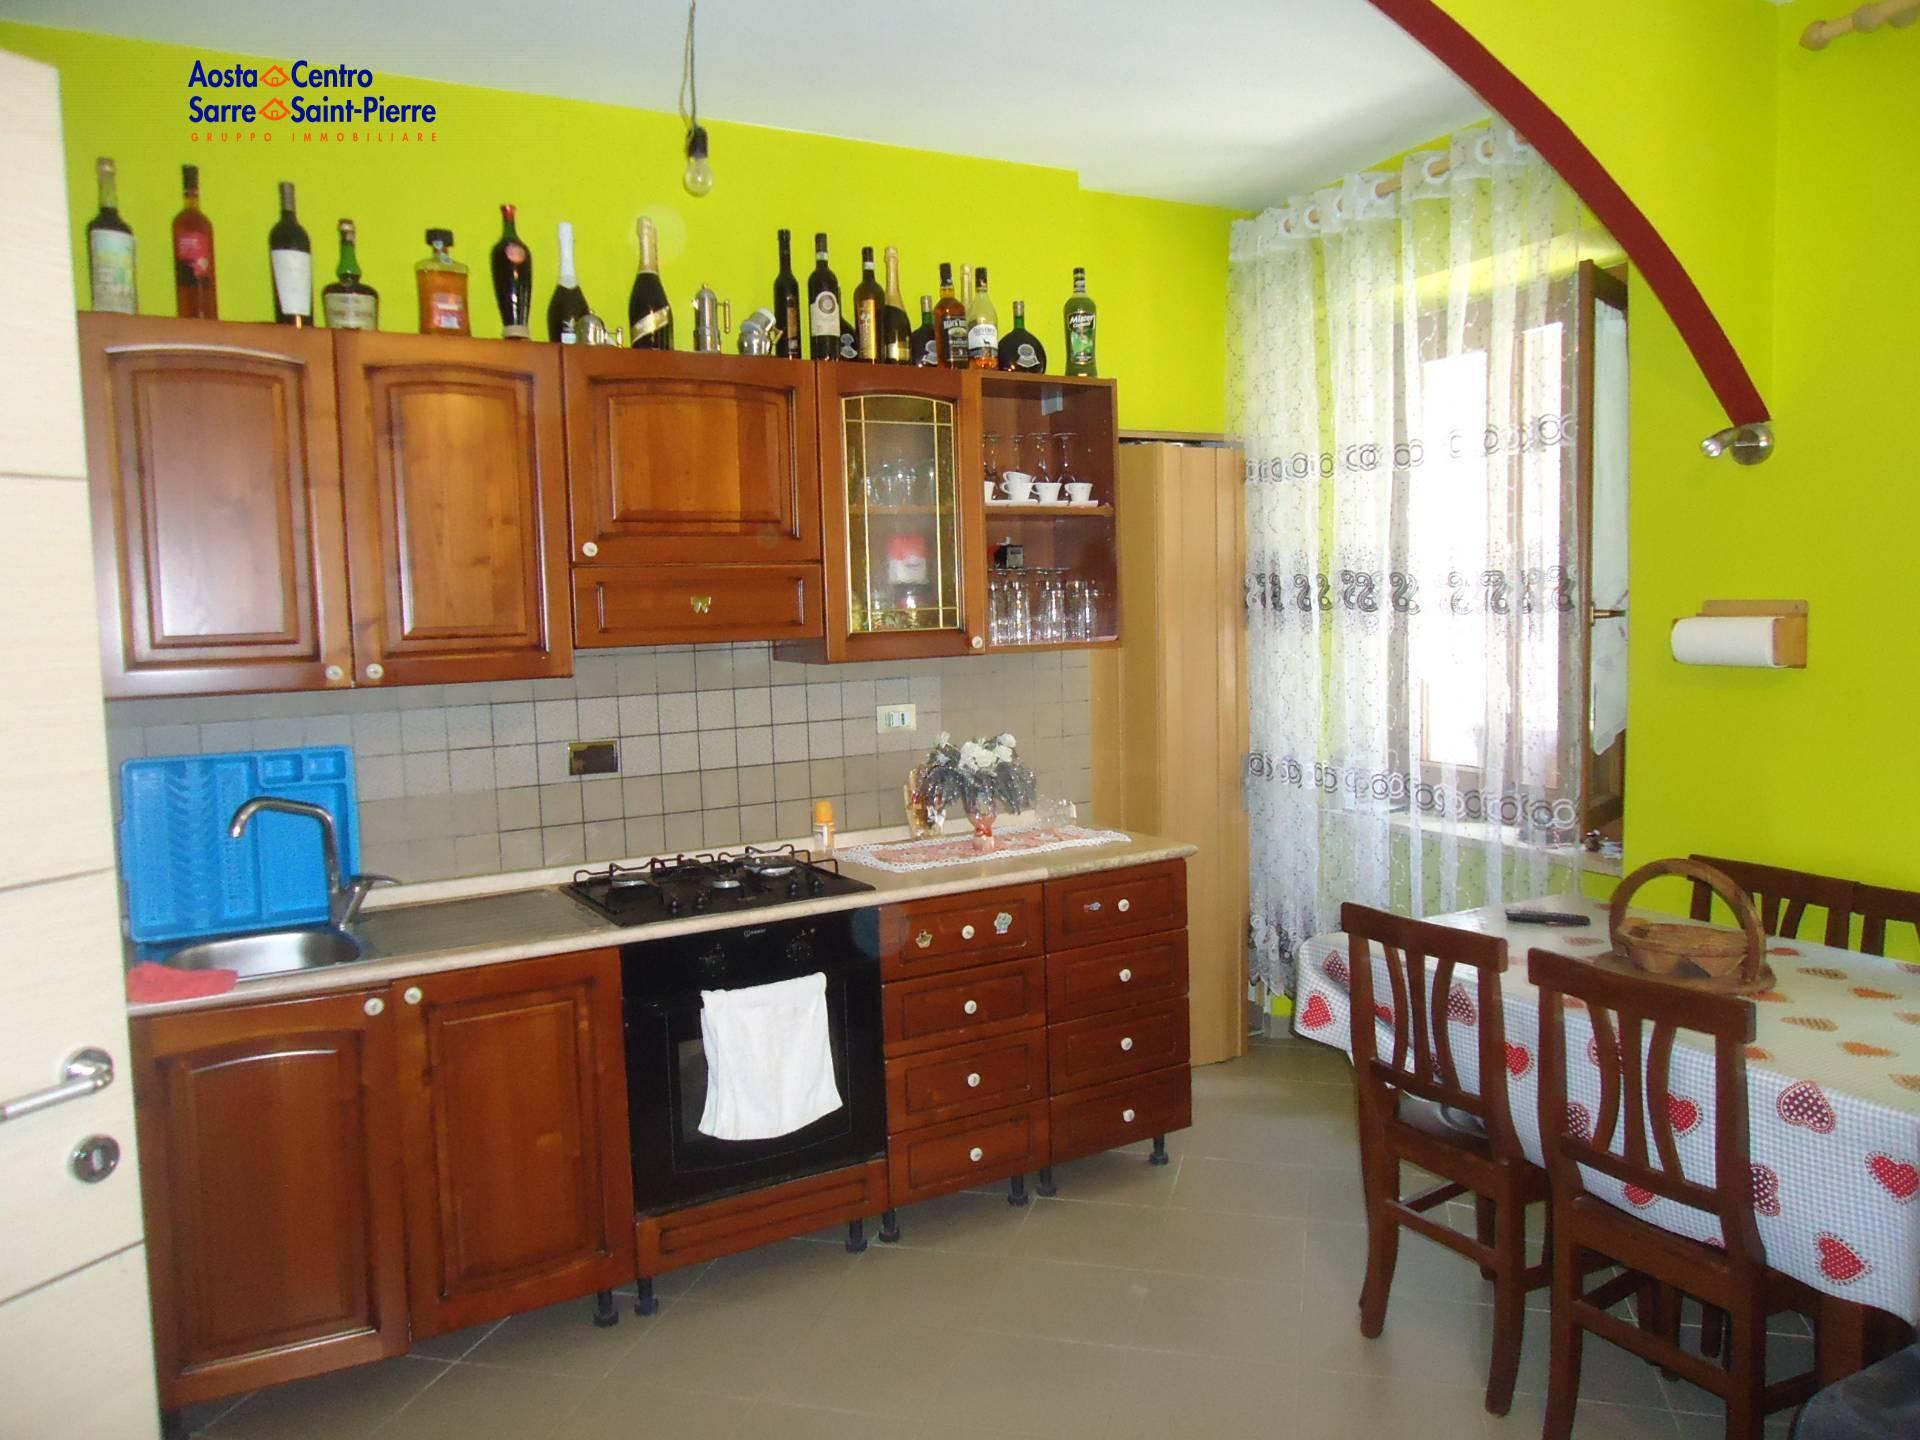 Soluzione Indipendente in vendita a Saint-Pierre, 3 locali, zona Località: CorradoGex, prezzo € 145.000   PortaleAgenzieImmobiliari.it